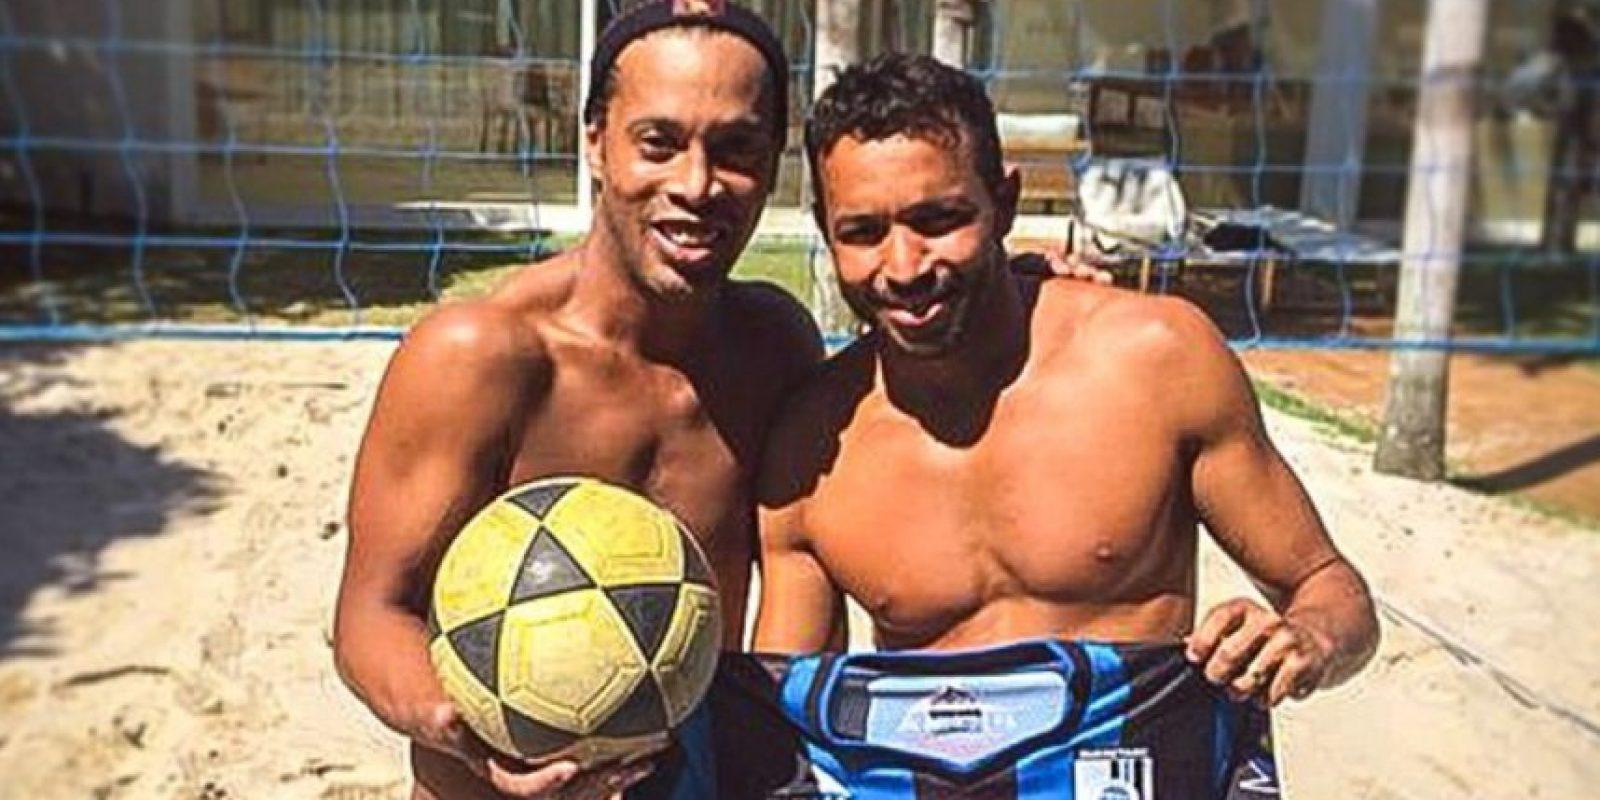 Con su pareja en el futvóley y amigo, Anderson Águia Foto:Facebook: Ronaldinho Gaúcho